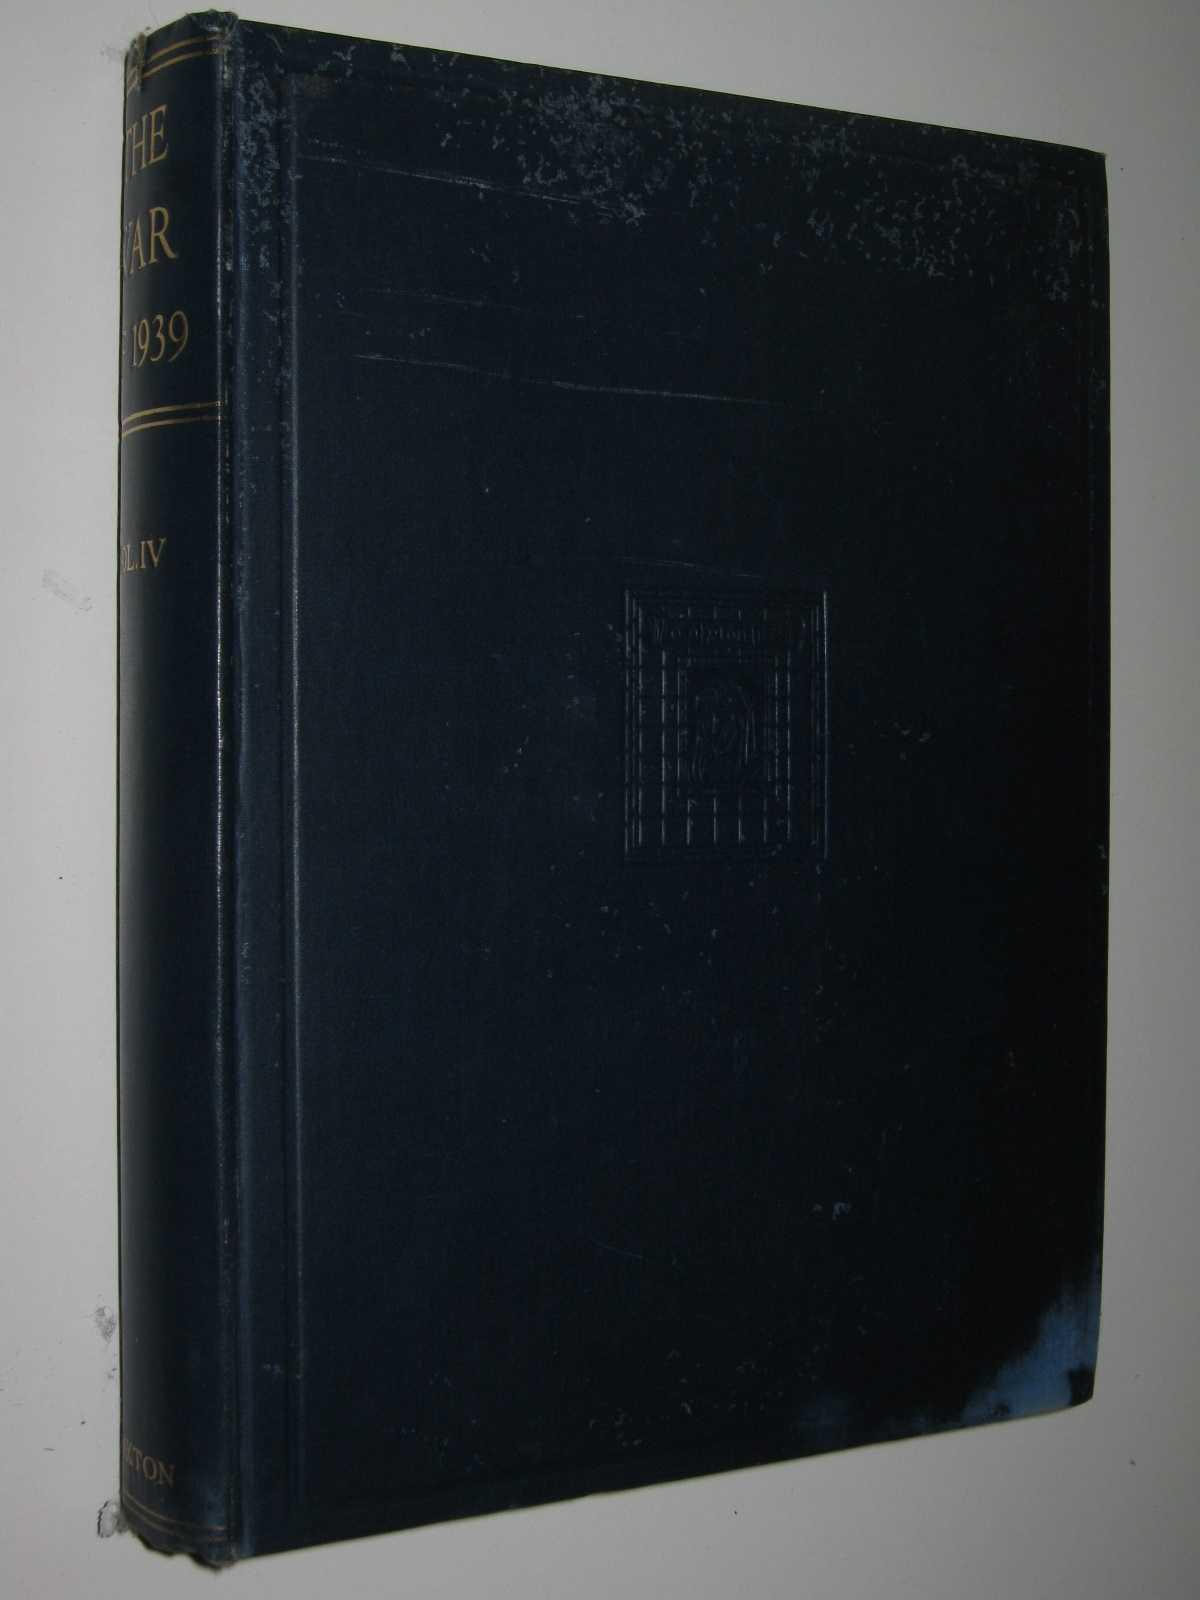 The War of 1939 Vol. IV, Dennis, Geoffrey (edited)